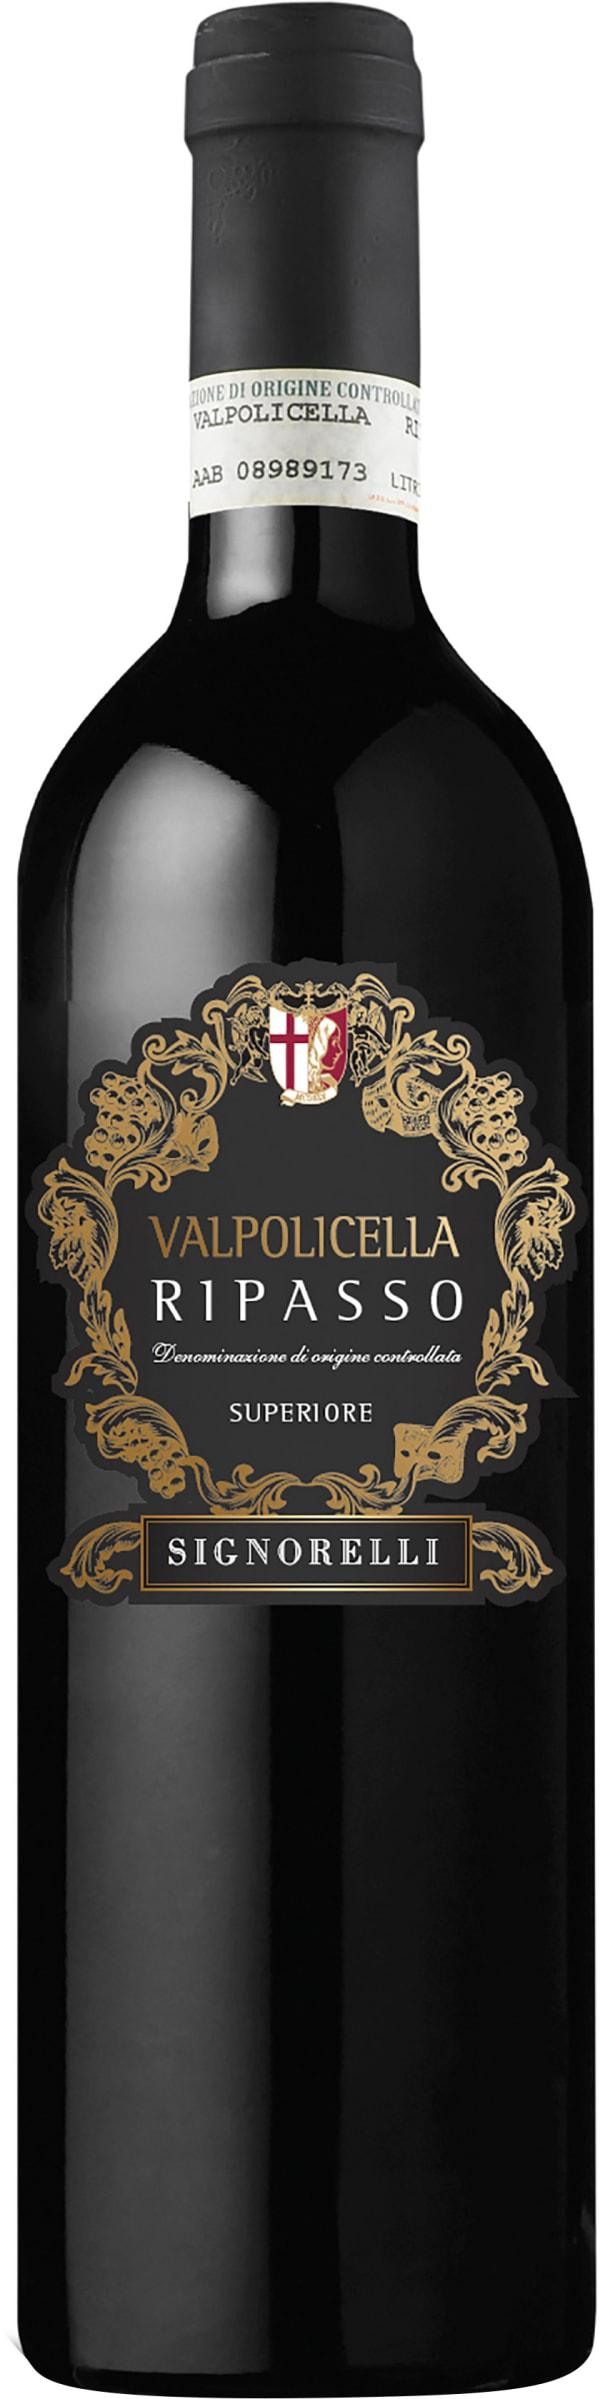 Signorelli Valpolicella Ripasso Superiore 2018